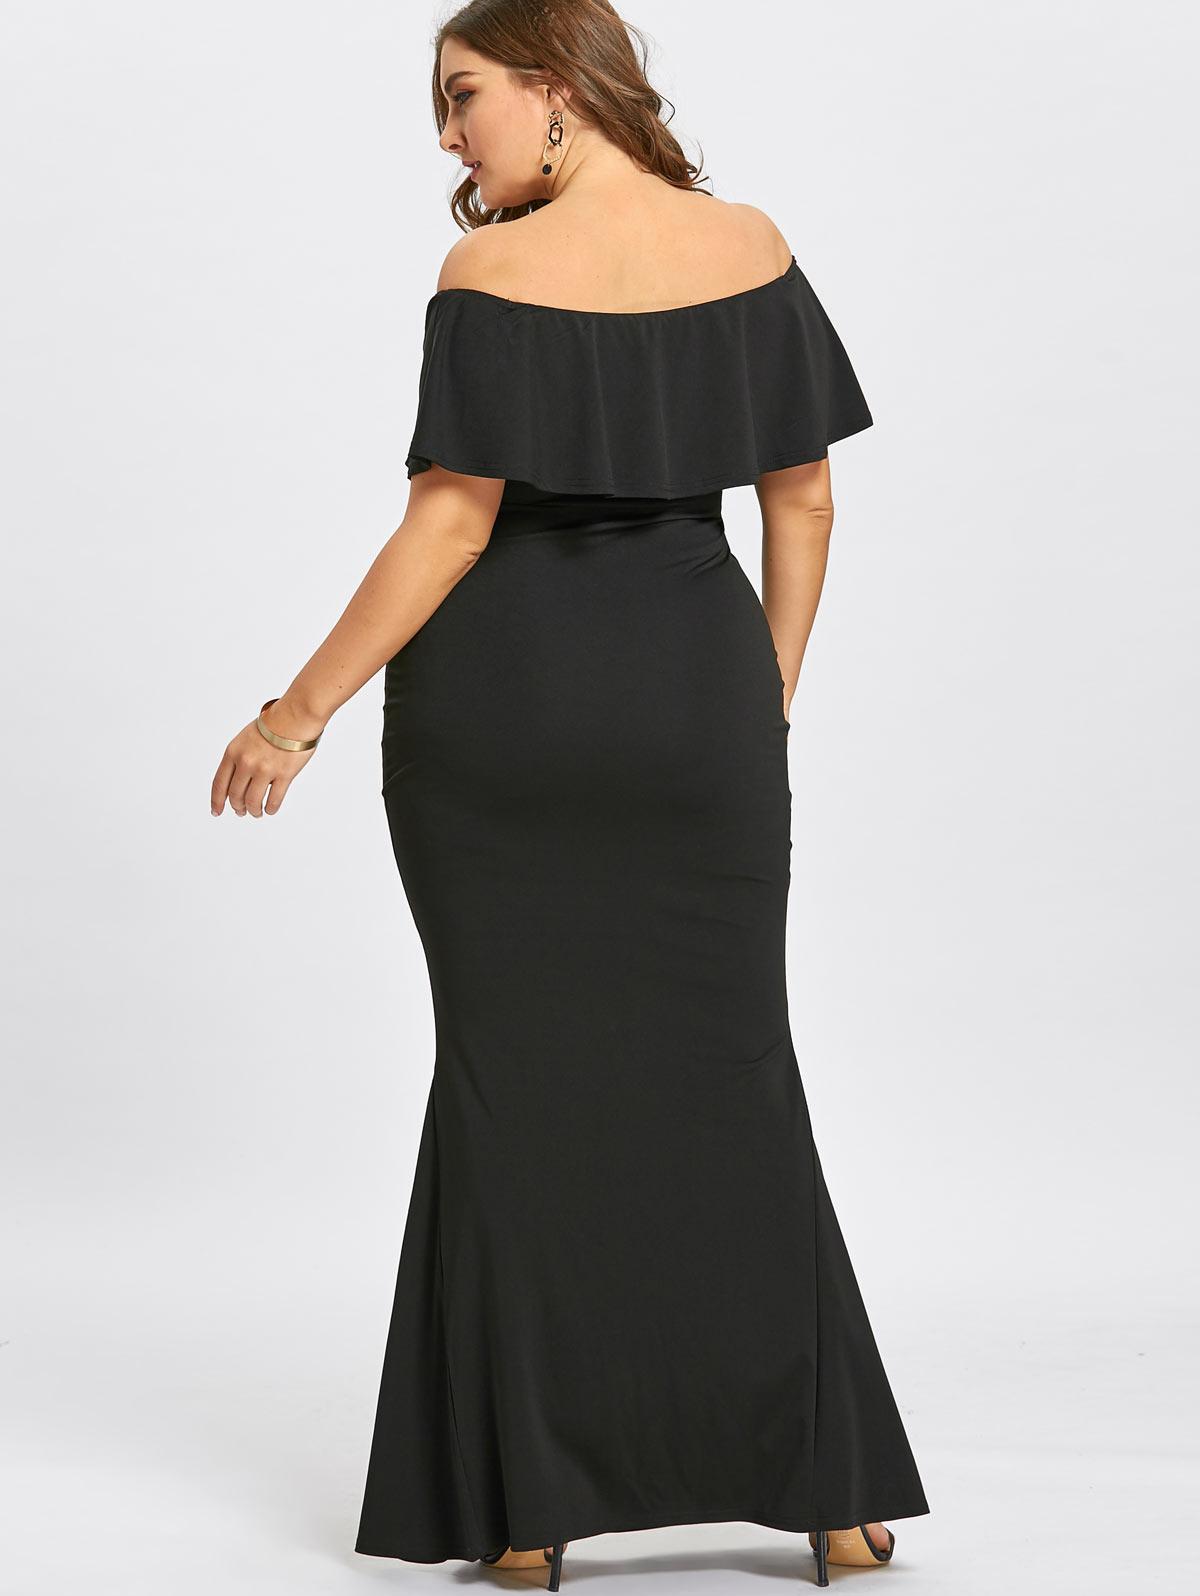 81b181a6b911 Short Length Maxi Evening Dresses - raveitsafe